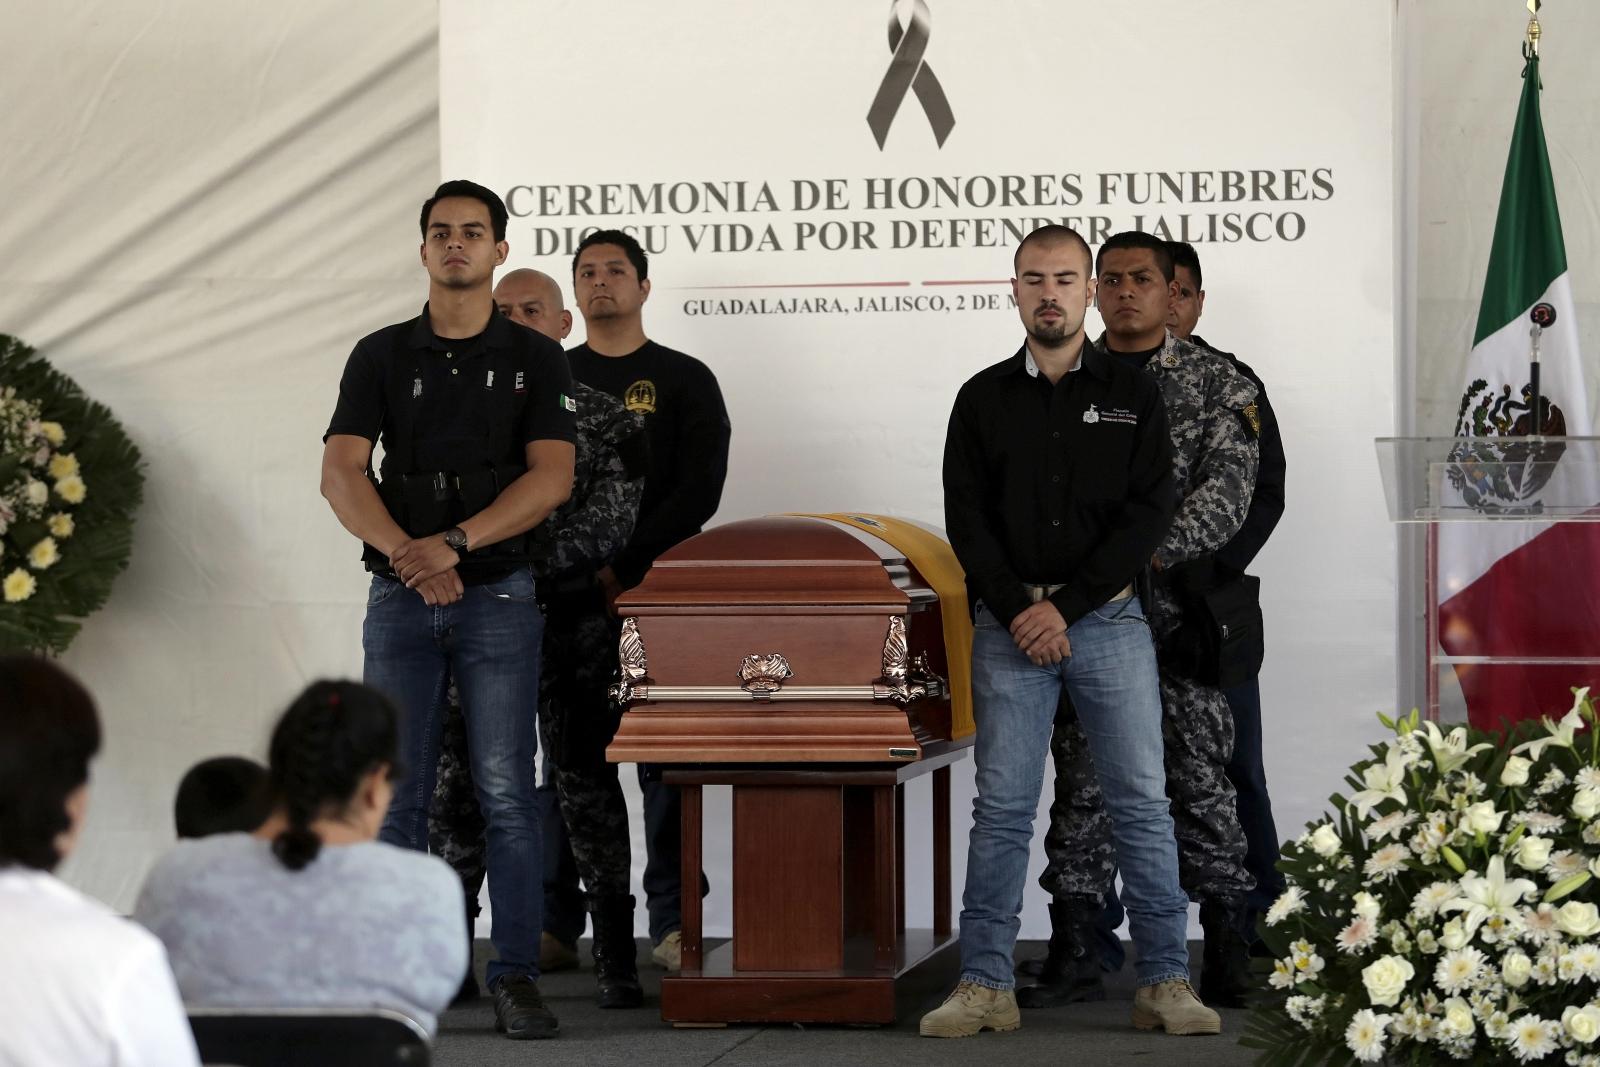 Mexico cartel violence